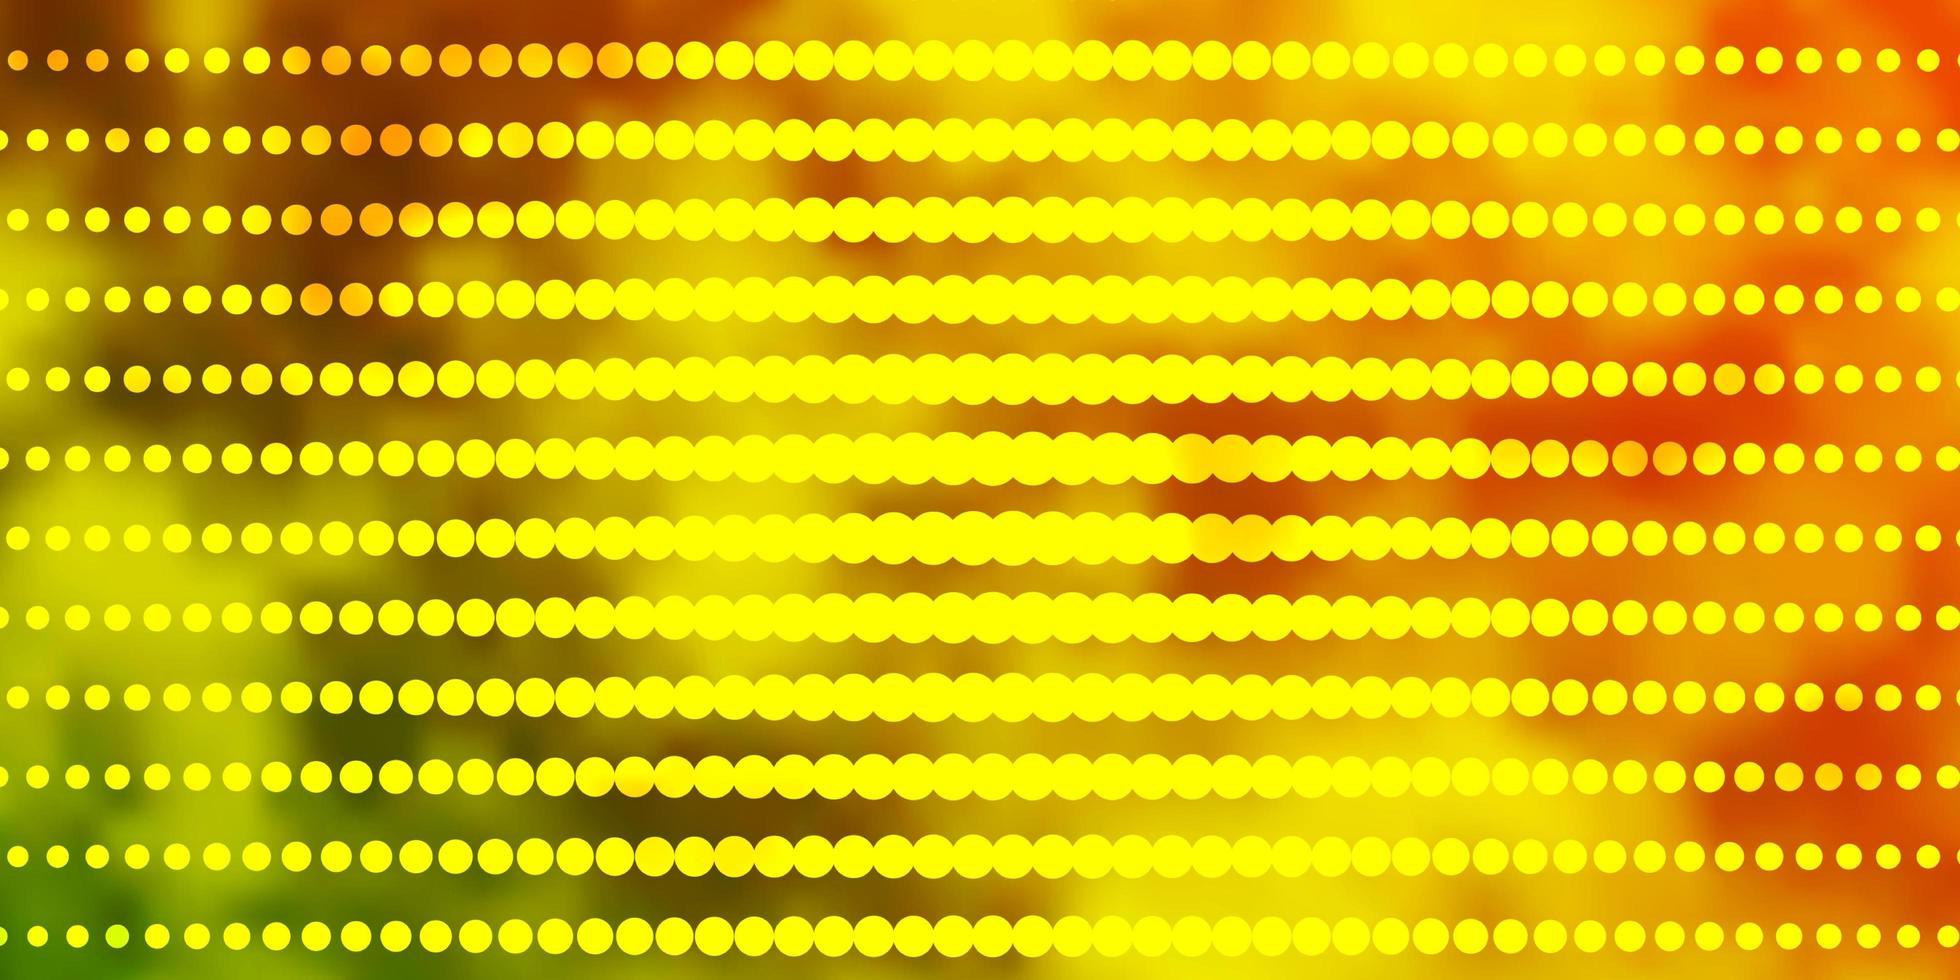 ljusgrön, gul vektorlayout med cirklar. vektor